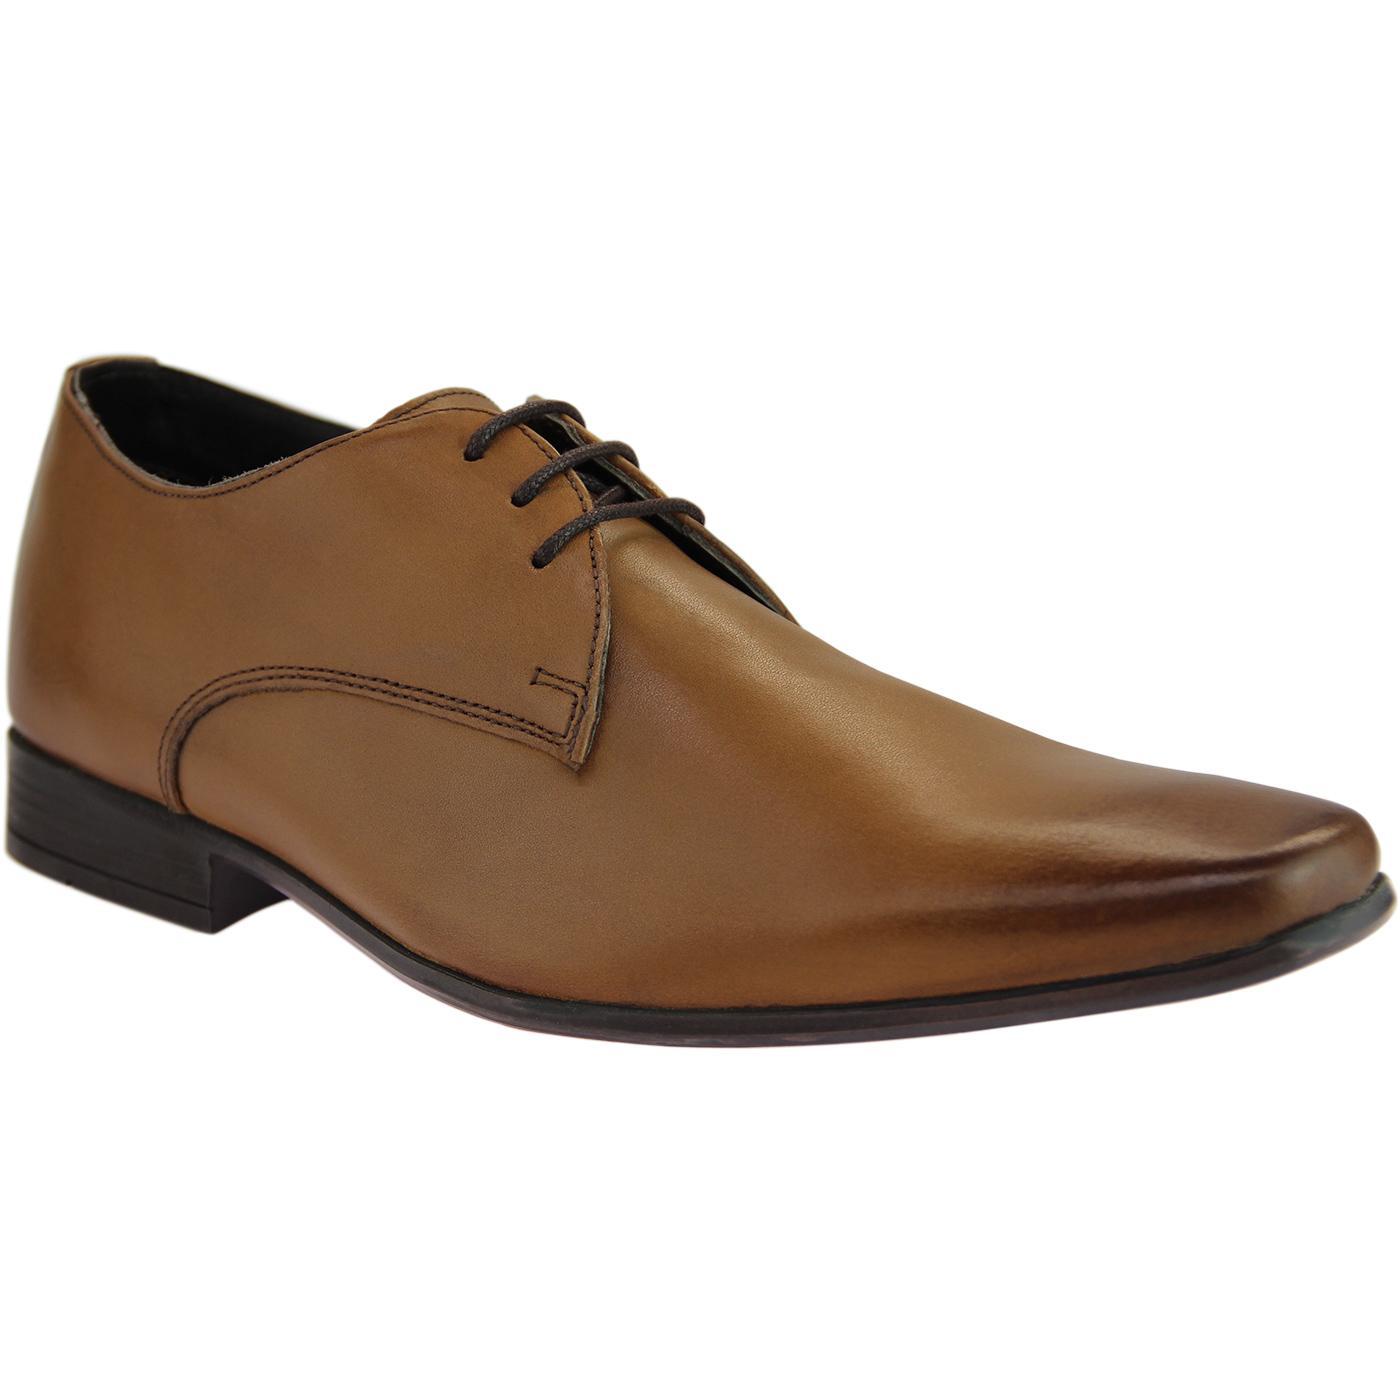 Drayton IKON Men's Mod Retro Derby Shoes (Tan)